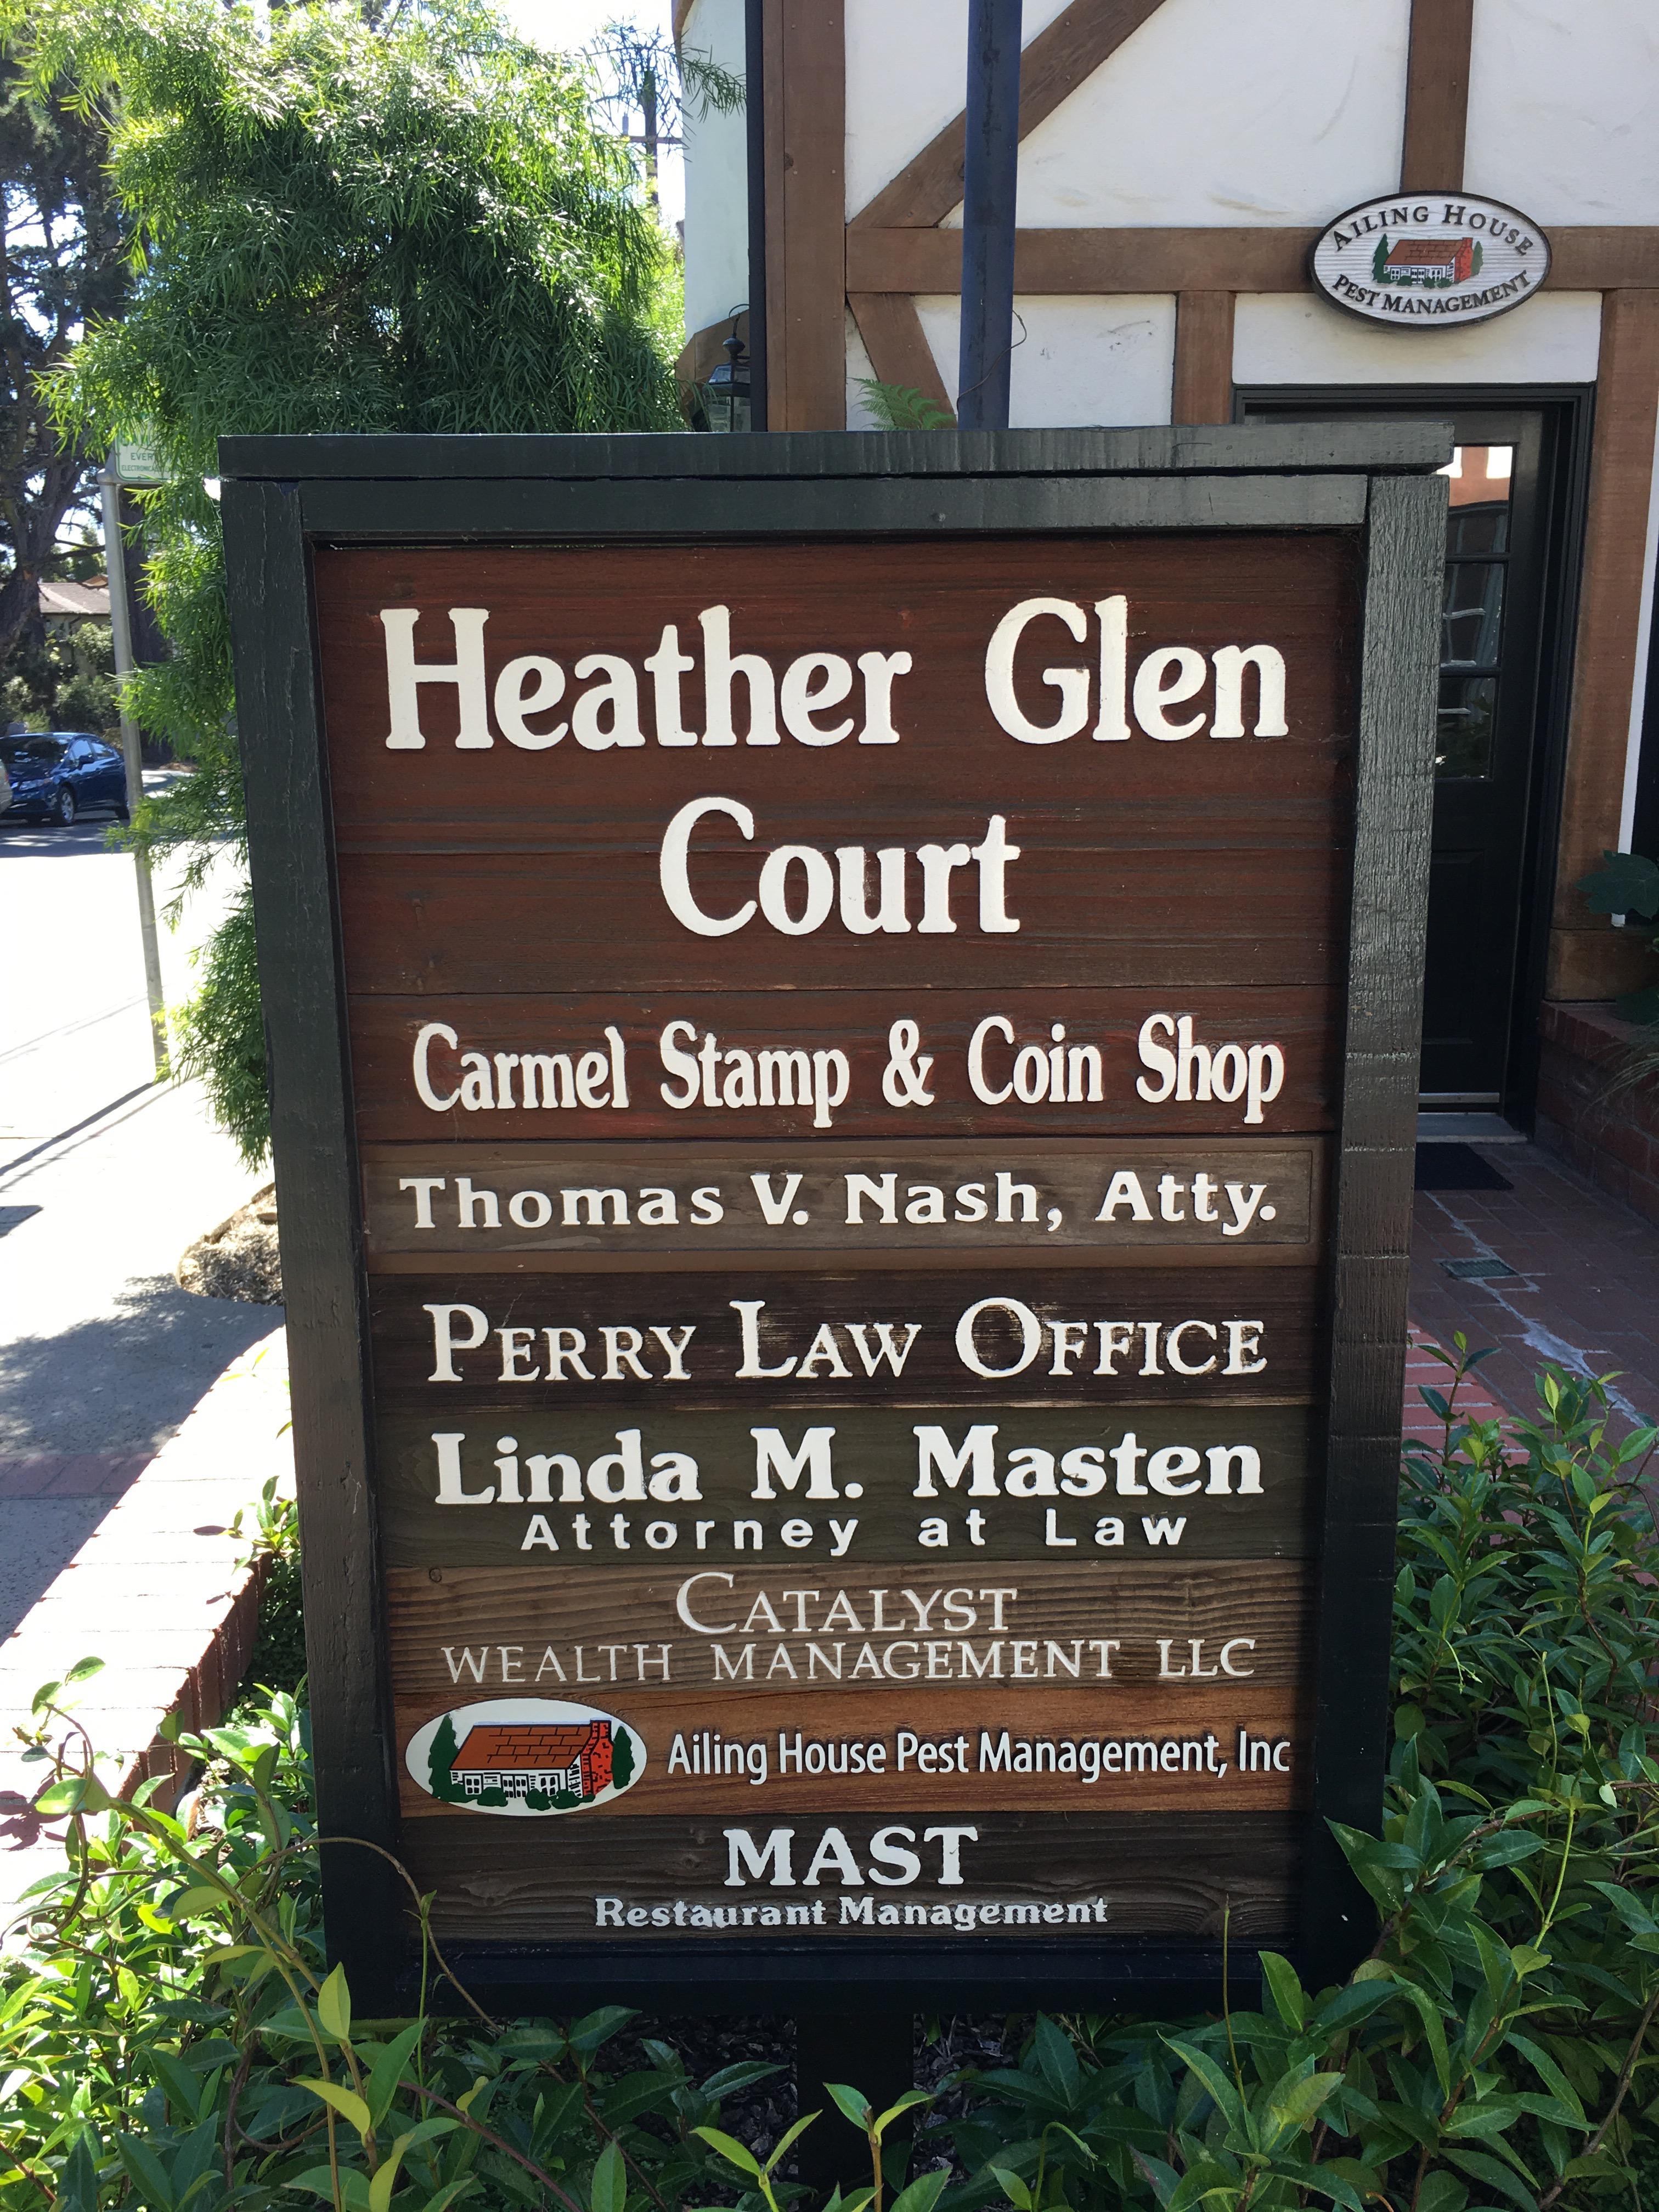 Heather Glen Court